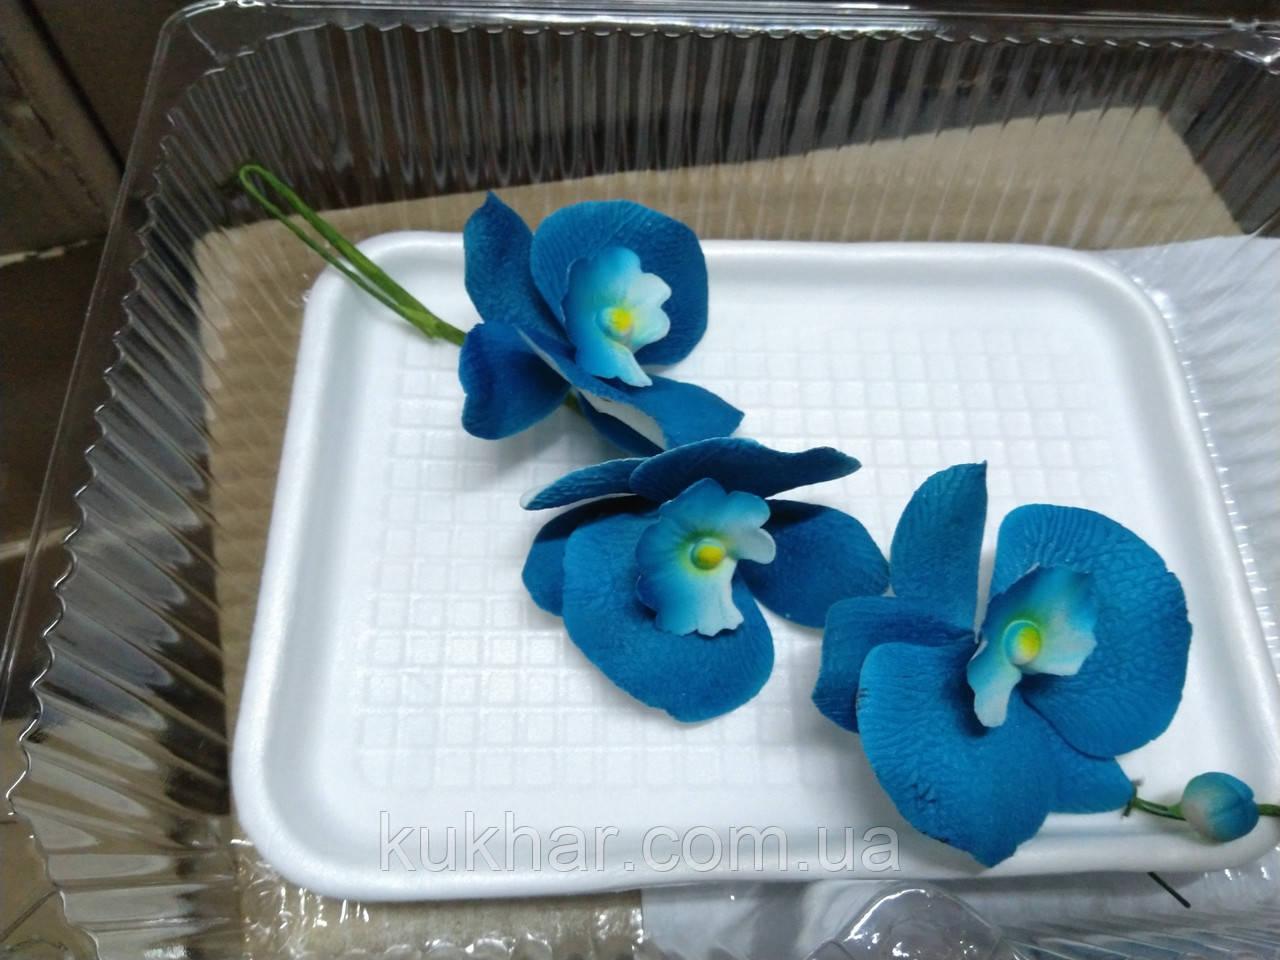 Гілка орхідеї малої з бутонами L 250